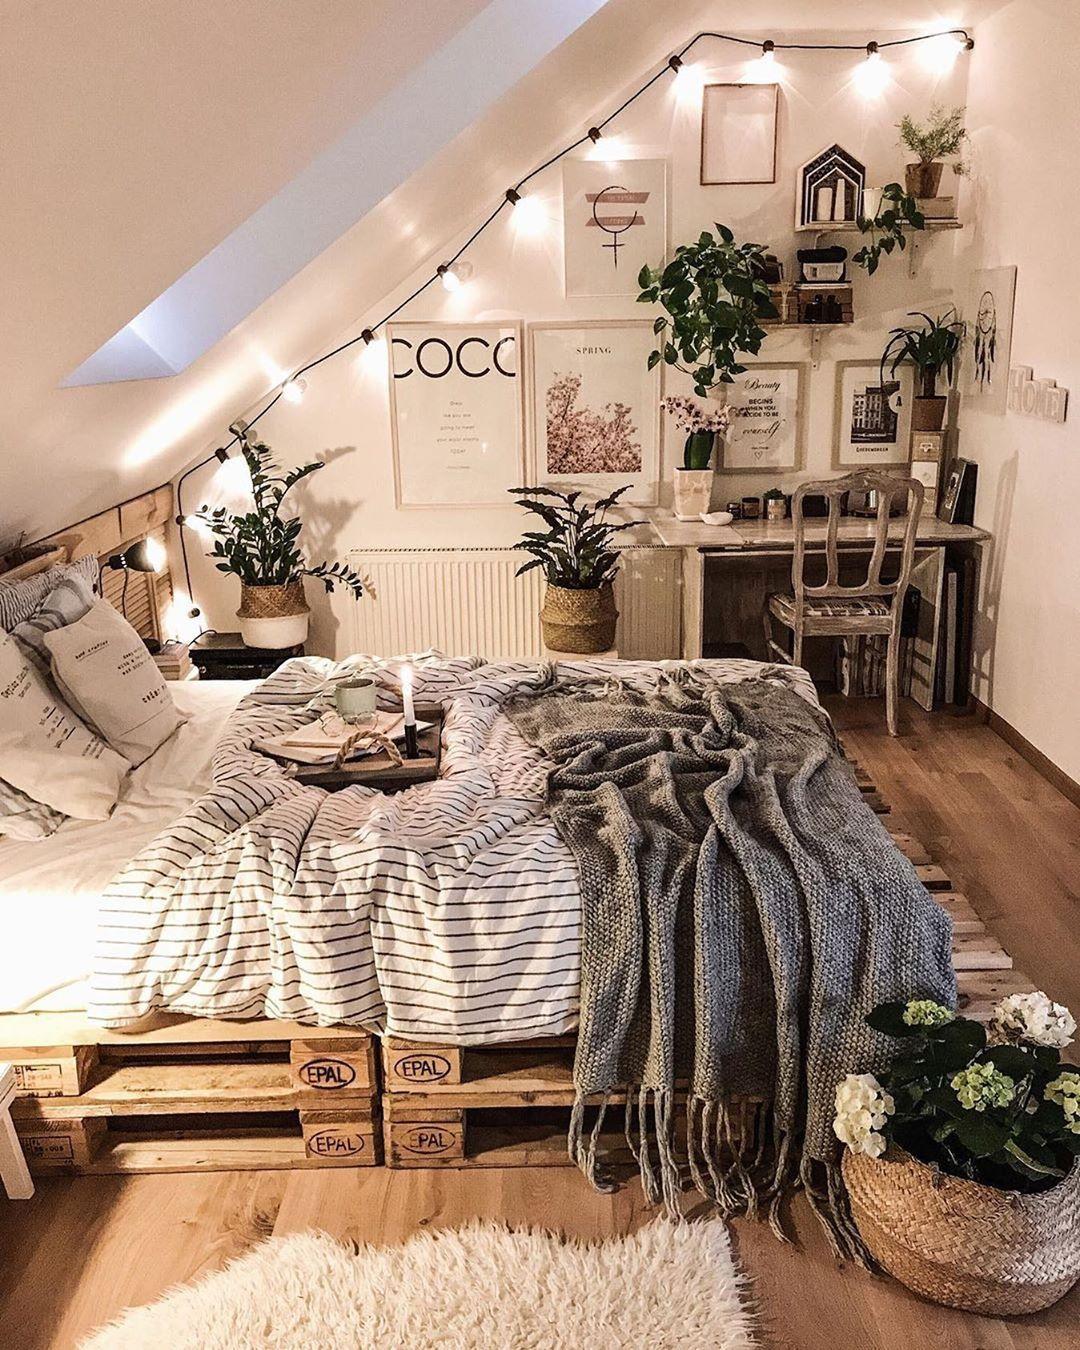 Decoomo Trends Home Decoration Ideas Easy Diy Room Decor Aesthetic Bedroom Dorm Room Diy